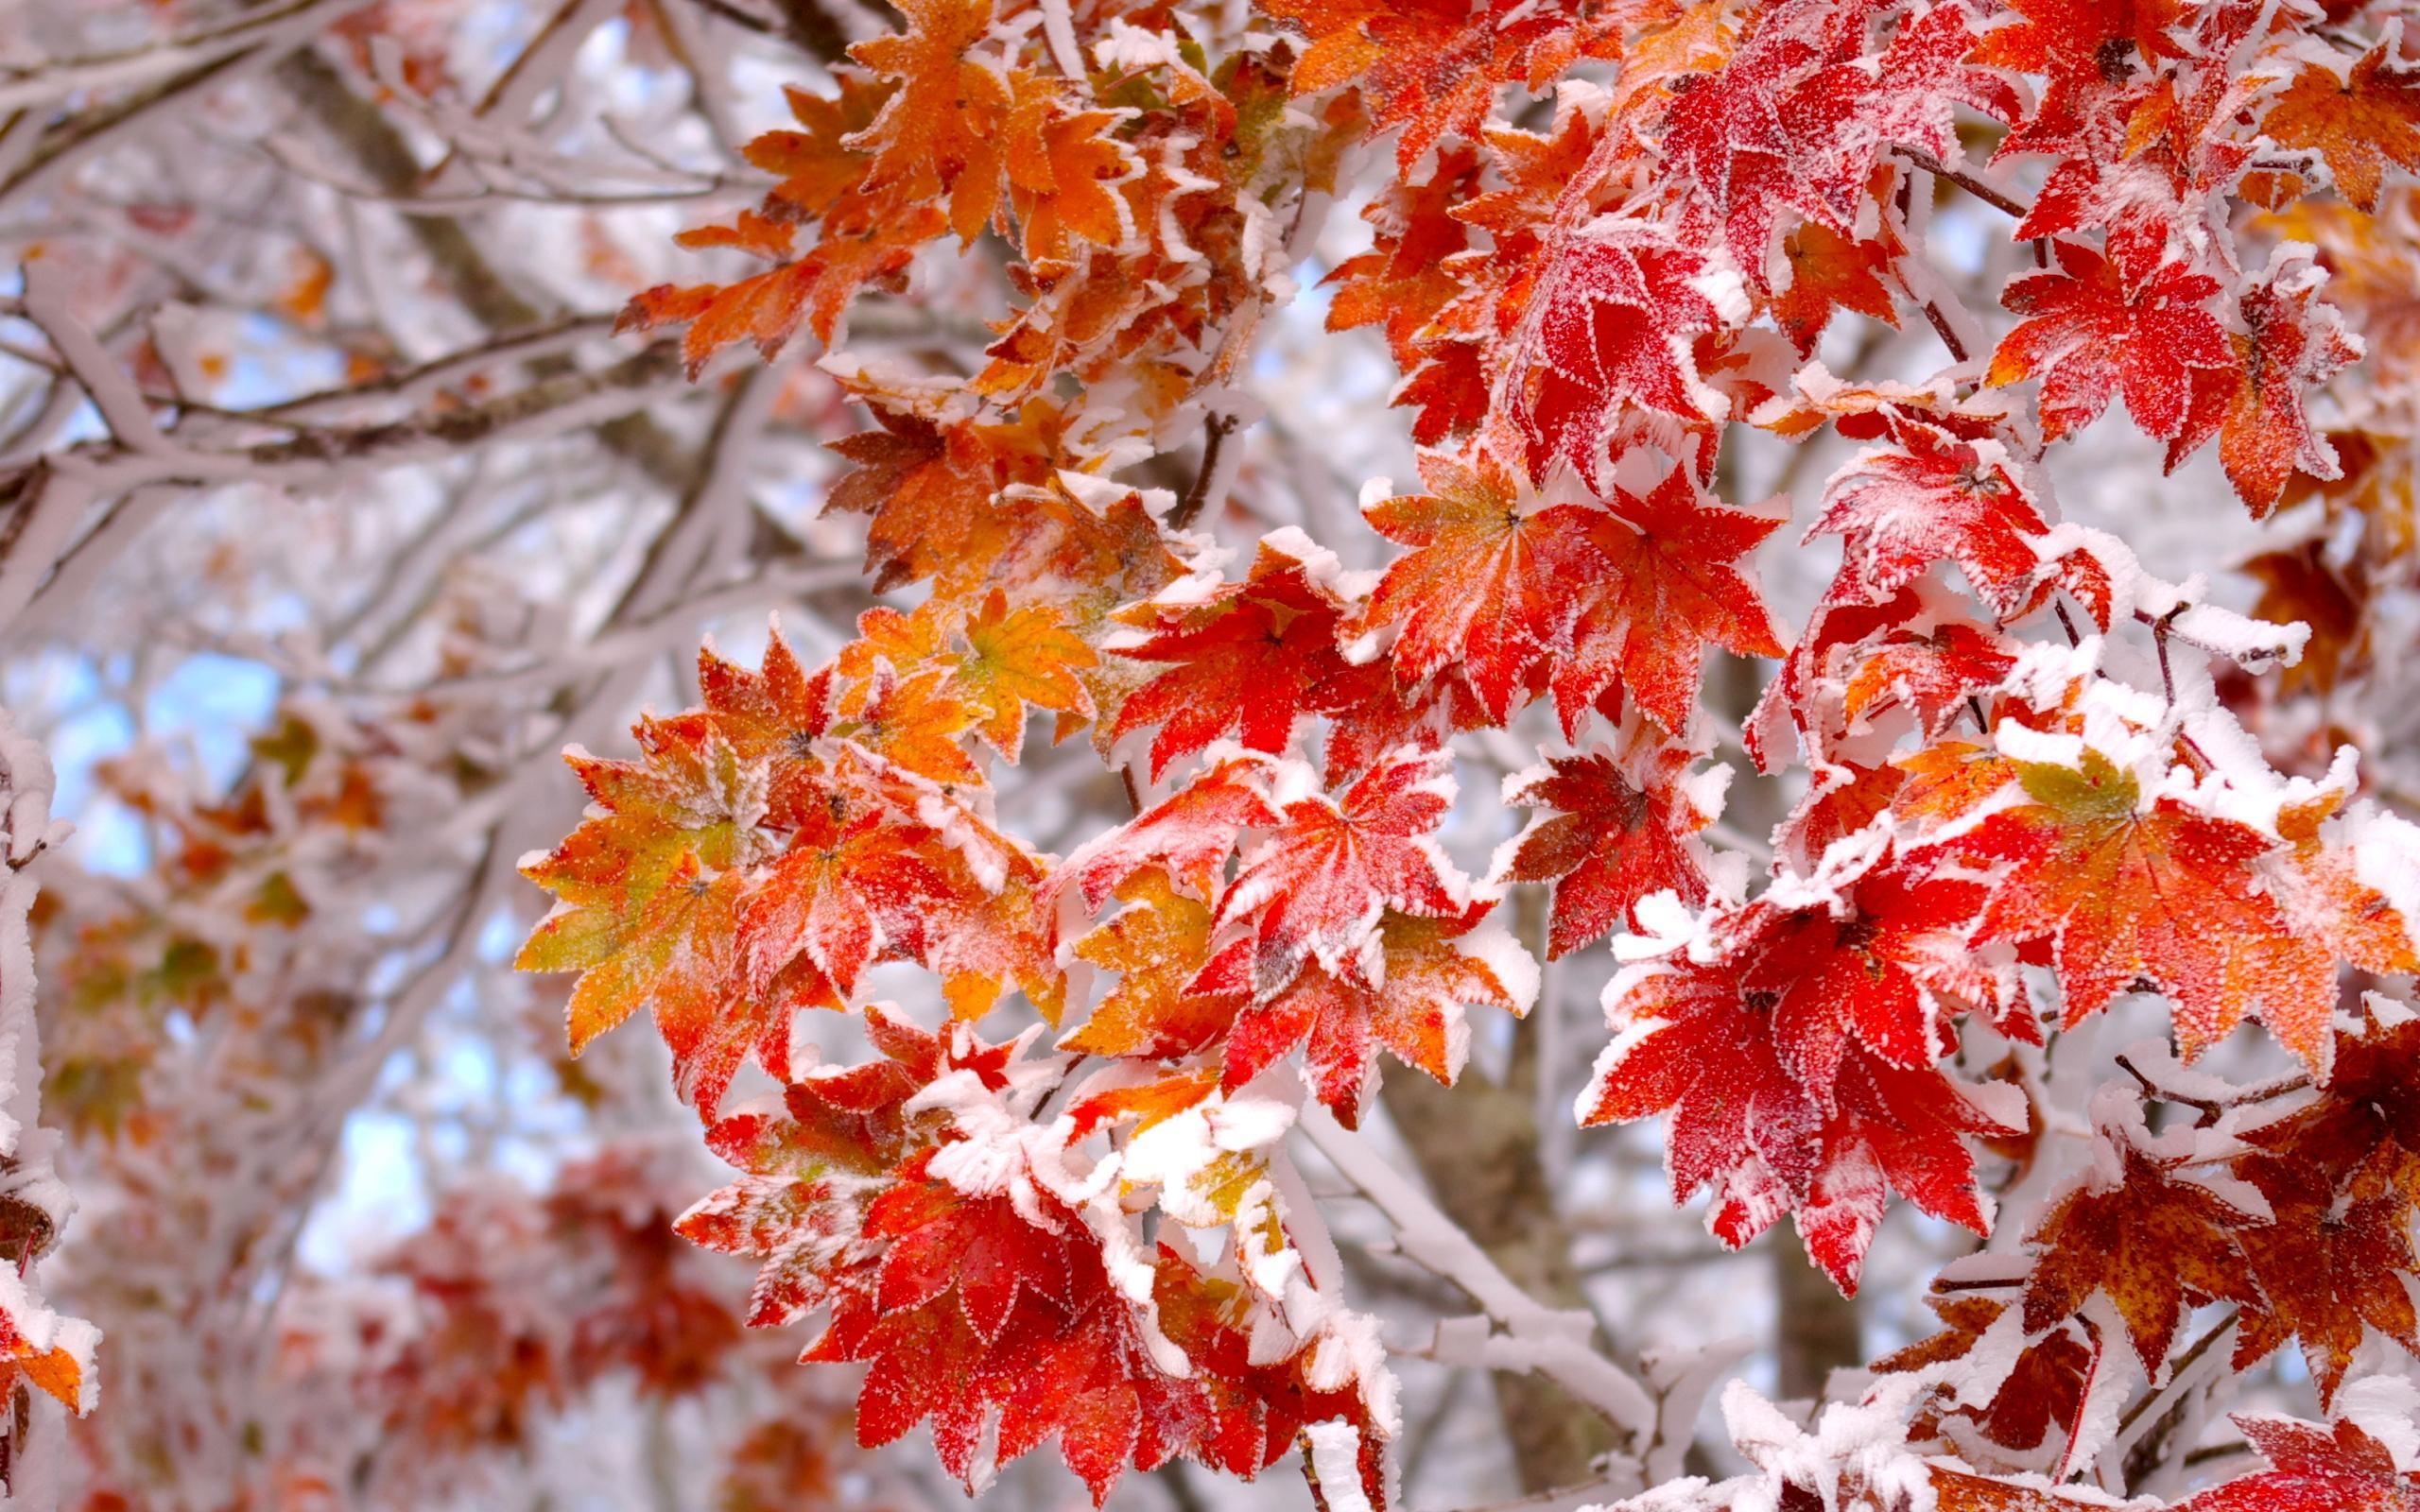 лучших ноябрь картинки для стола нашей местности редко